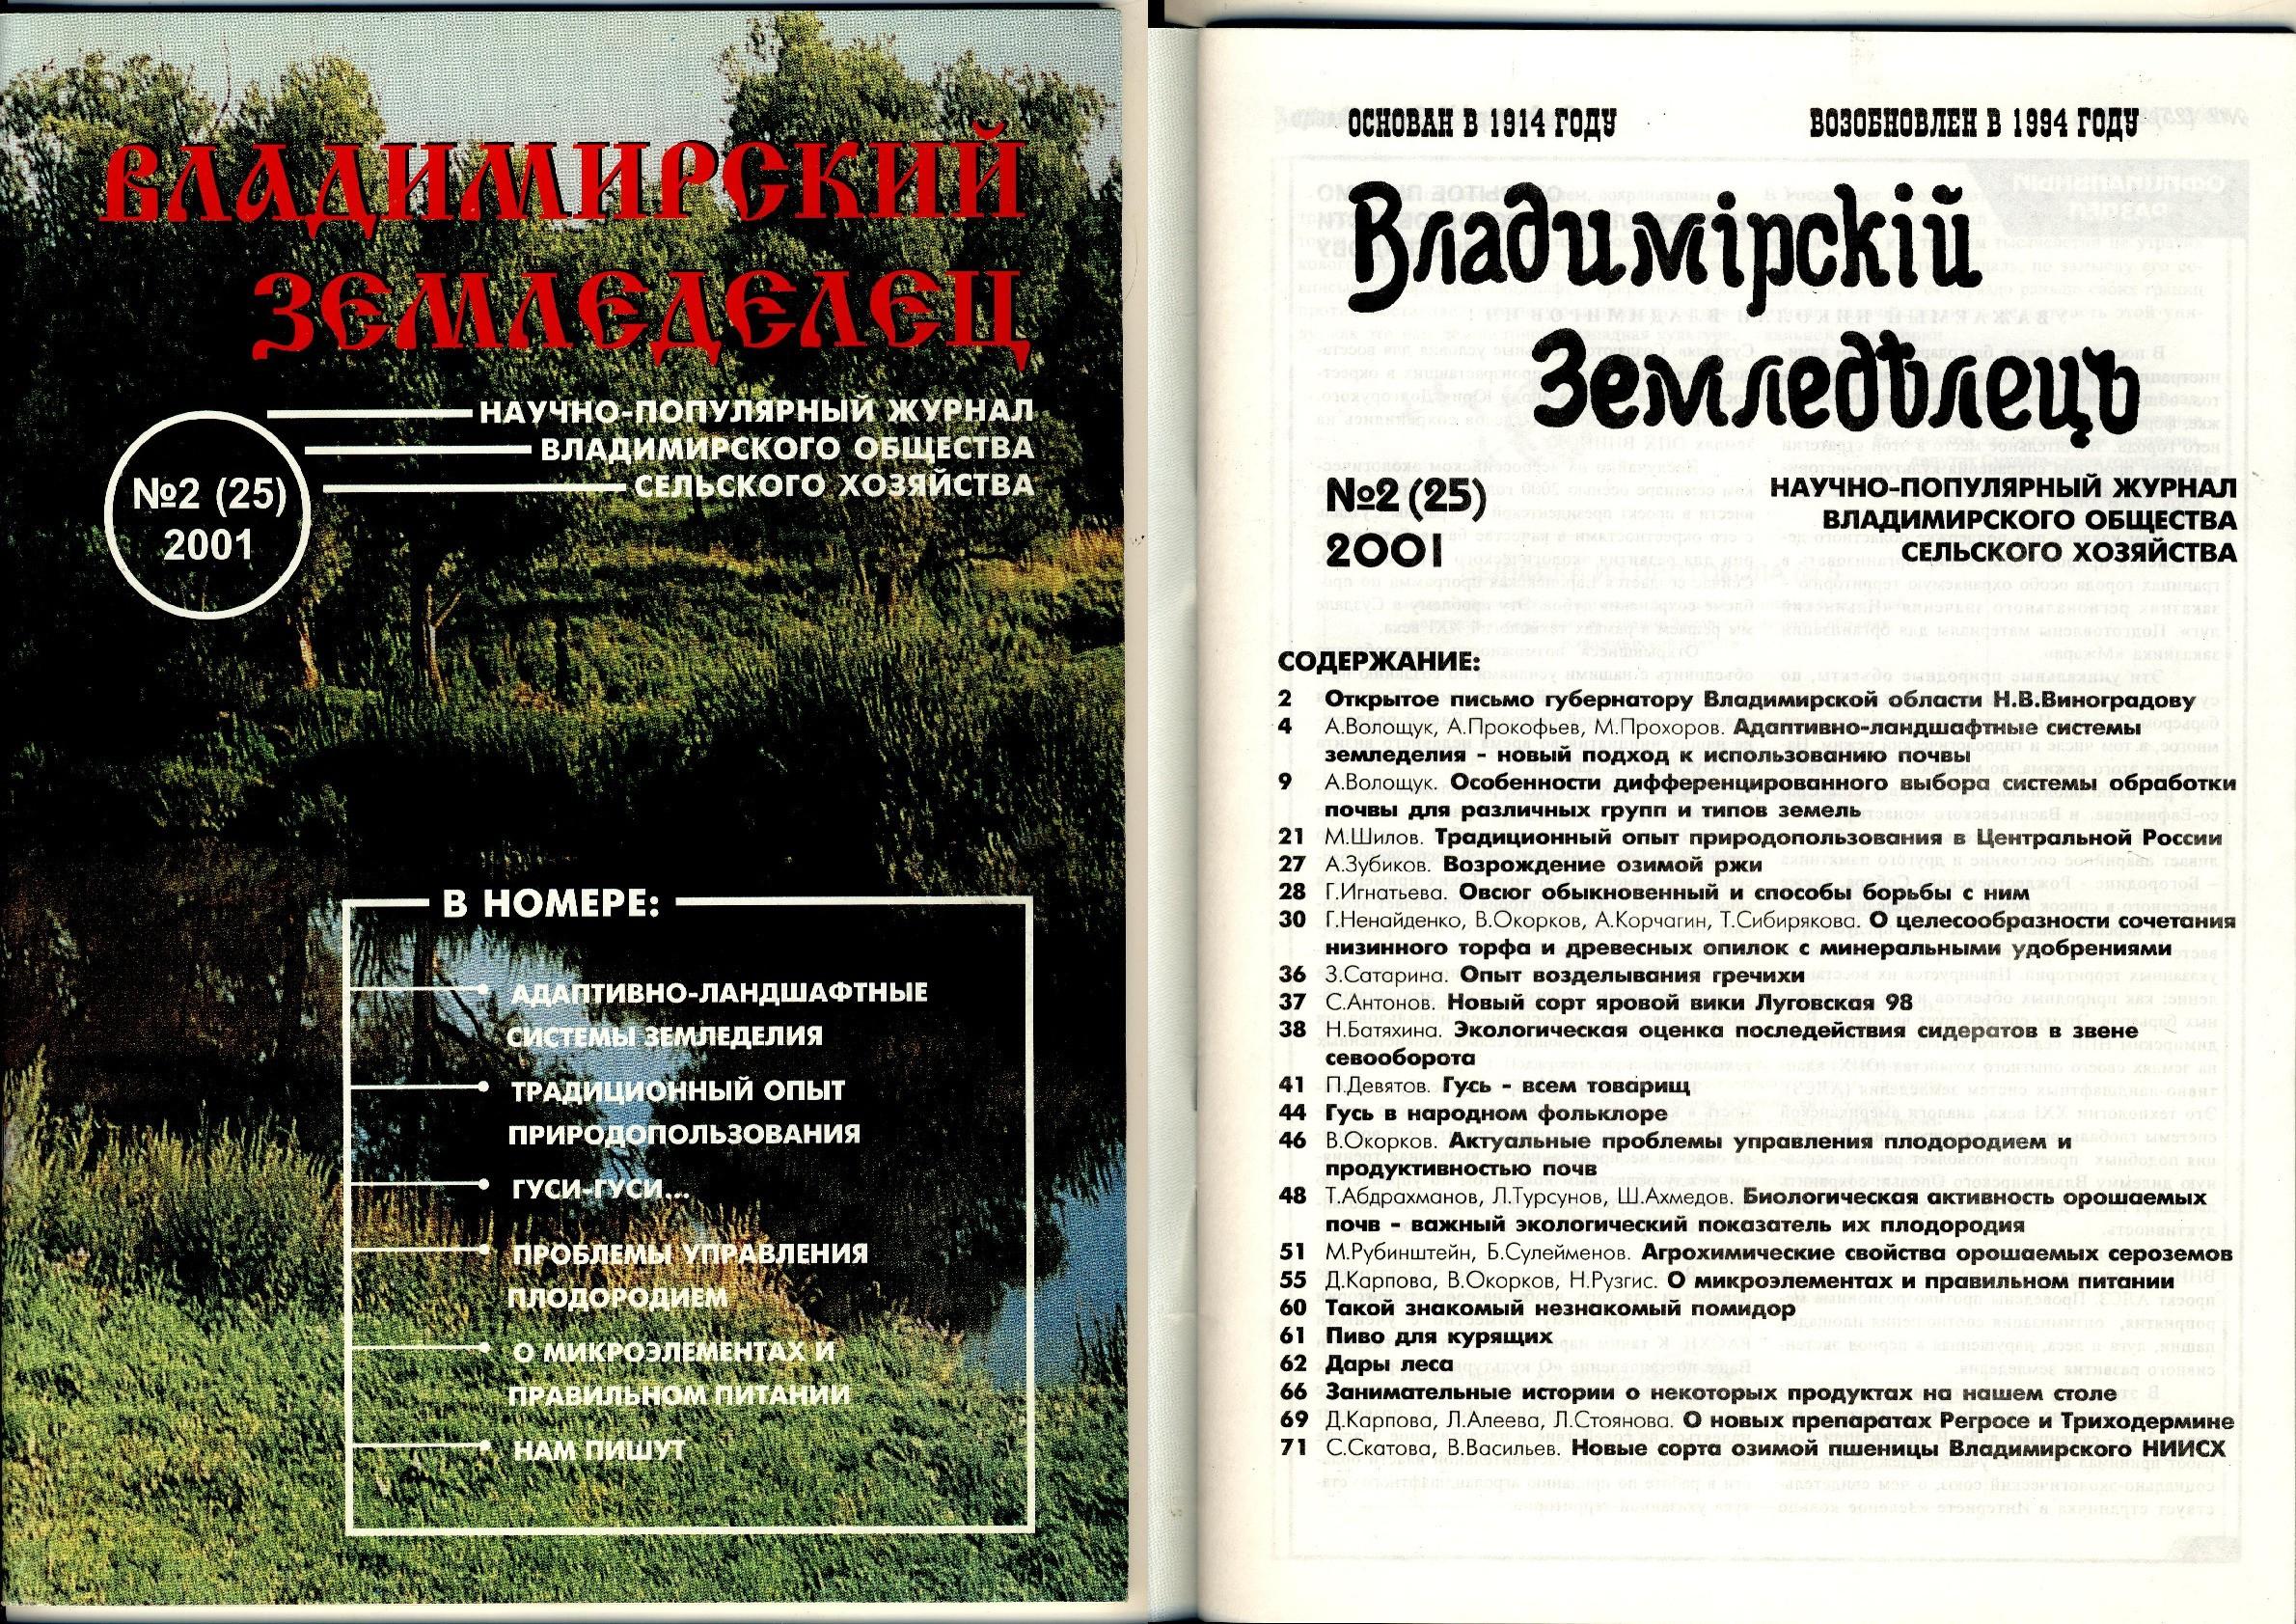 Владимирский земледелец 2(25) 2001